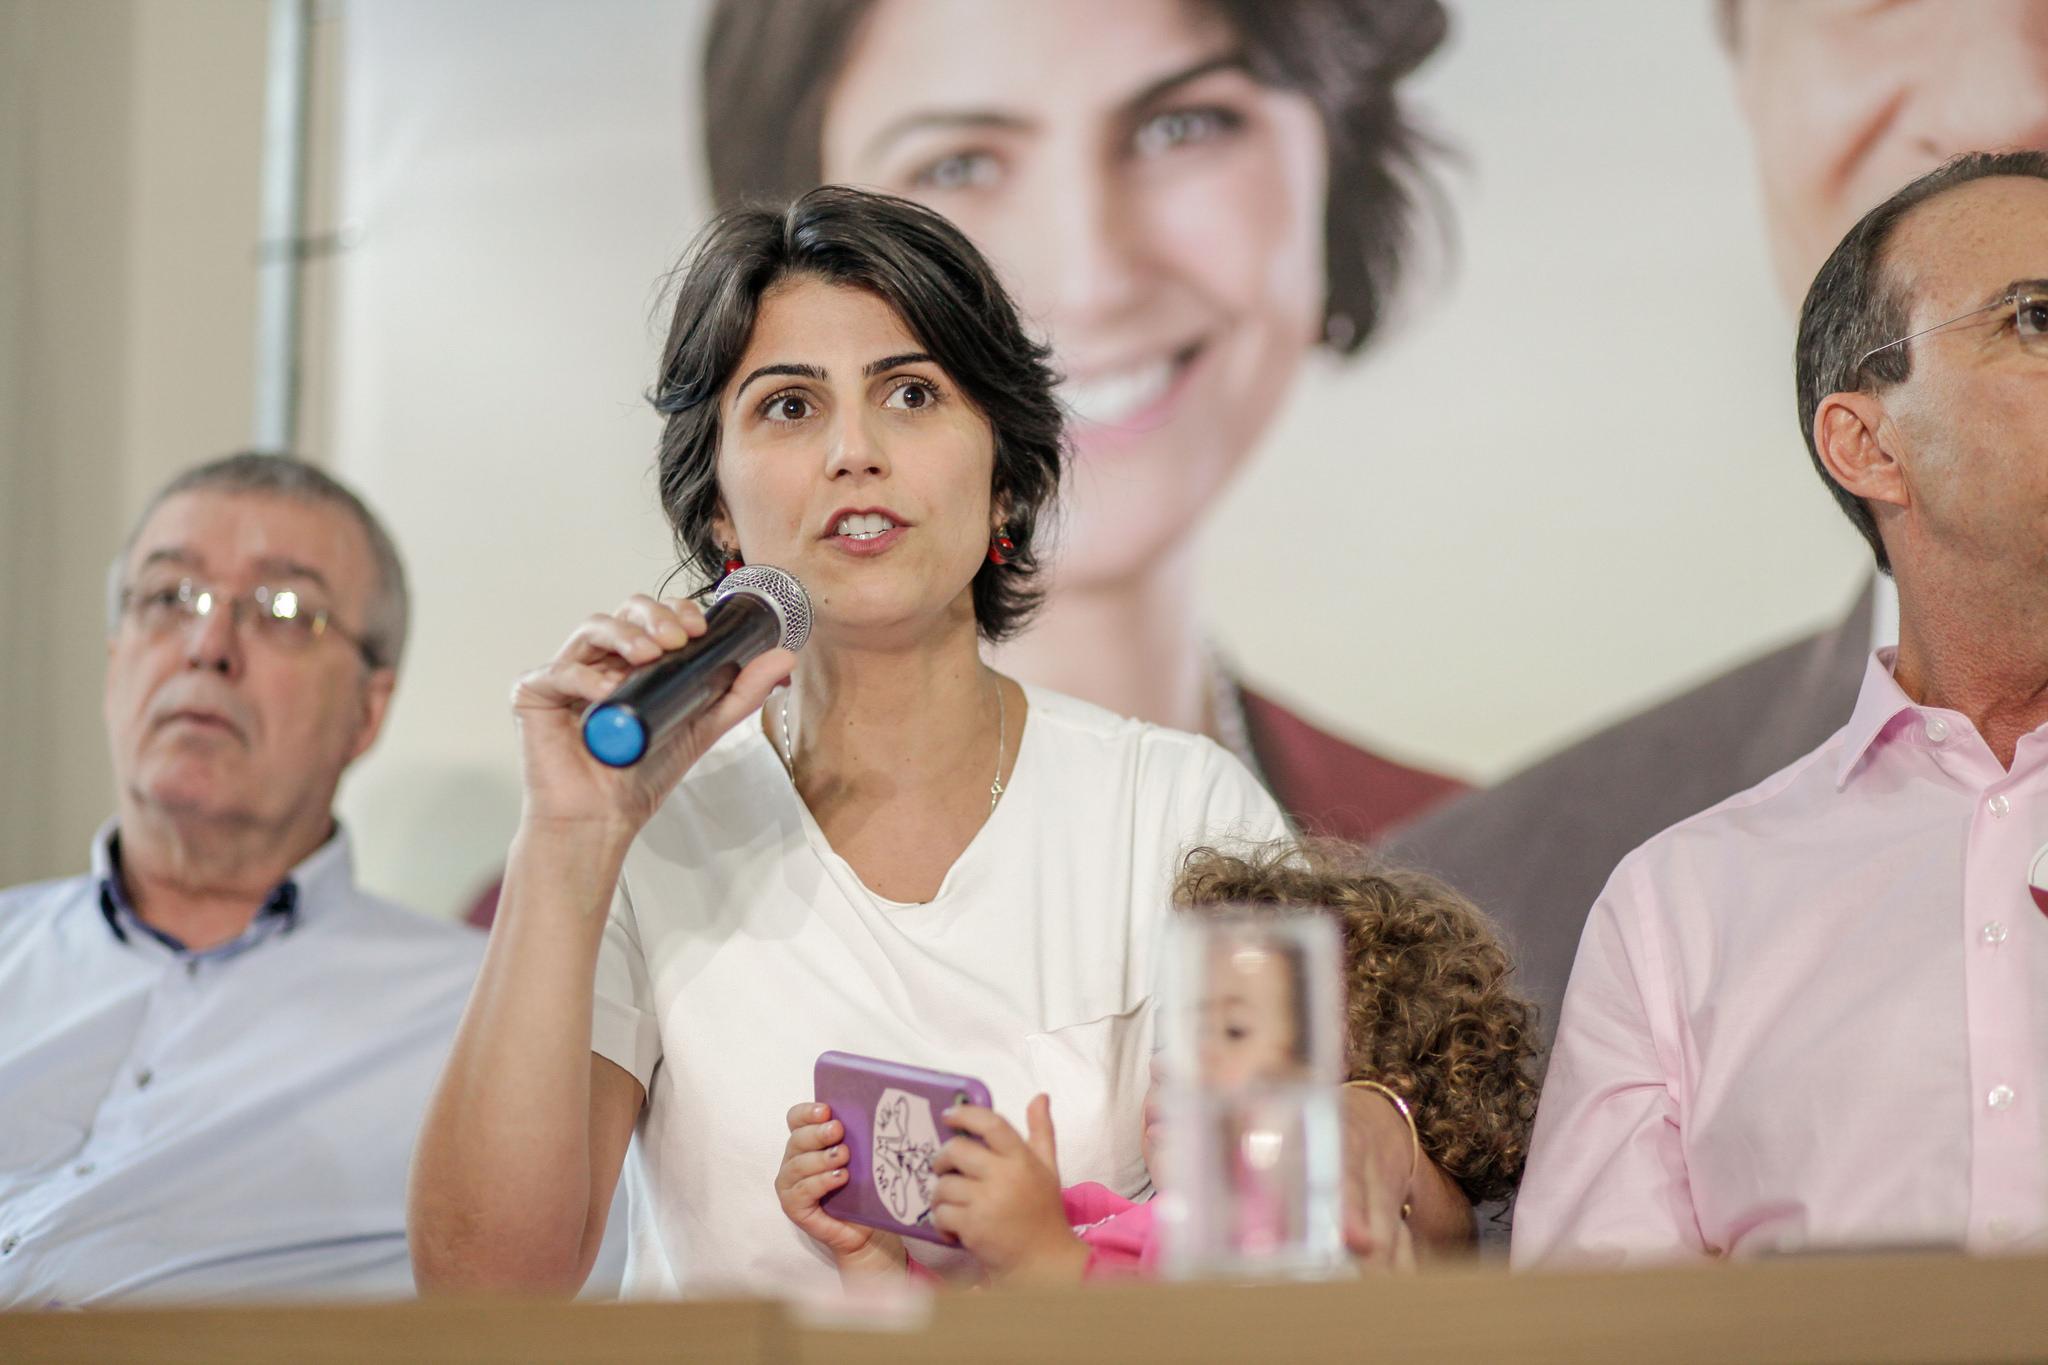 Candidata a vice presidência, Manuela D'Ávila durante campanha eleitoral em Florianópolis. Foto: João Soares